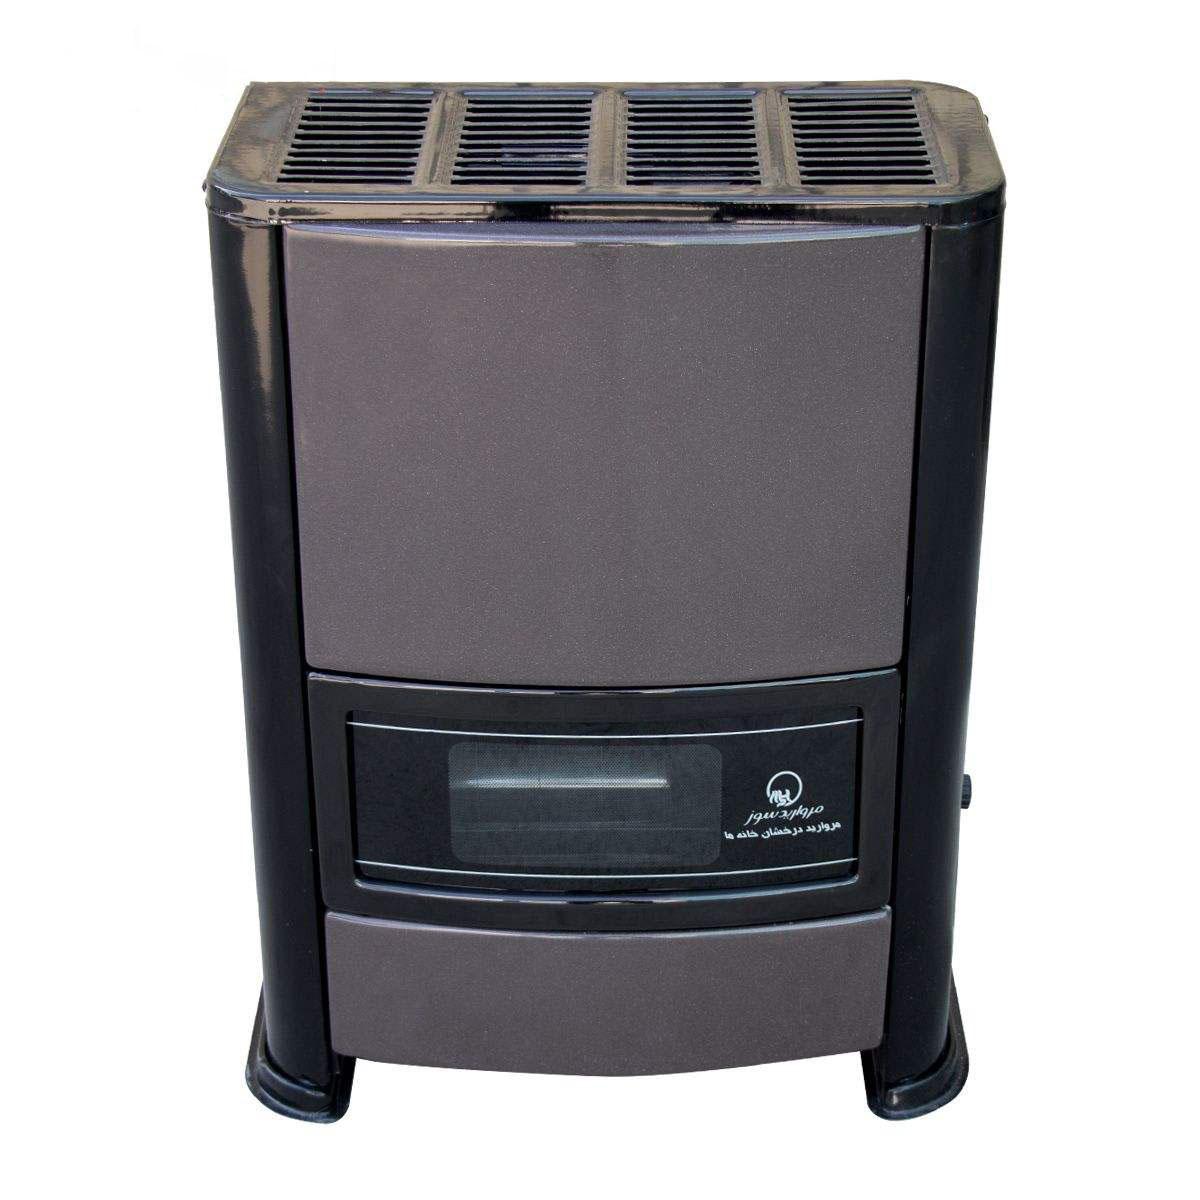 طراحی بخاری گازی مروارید سوز 8000 ساده